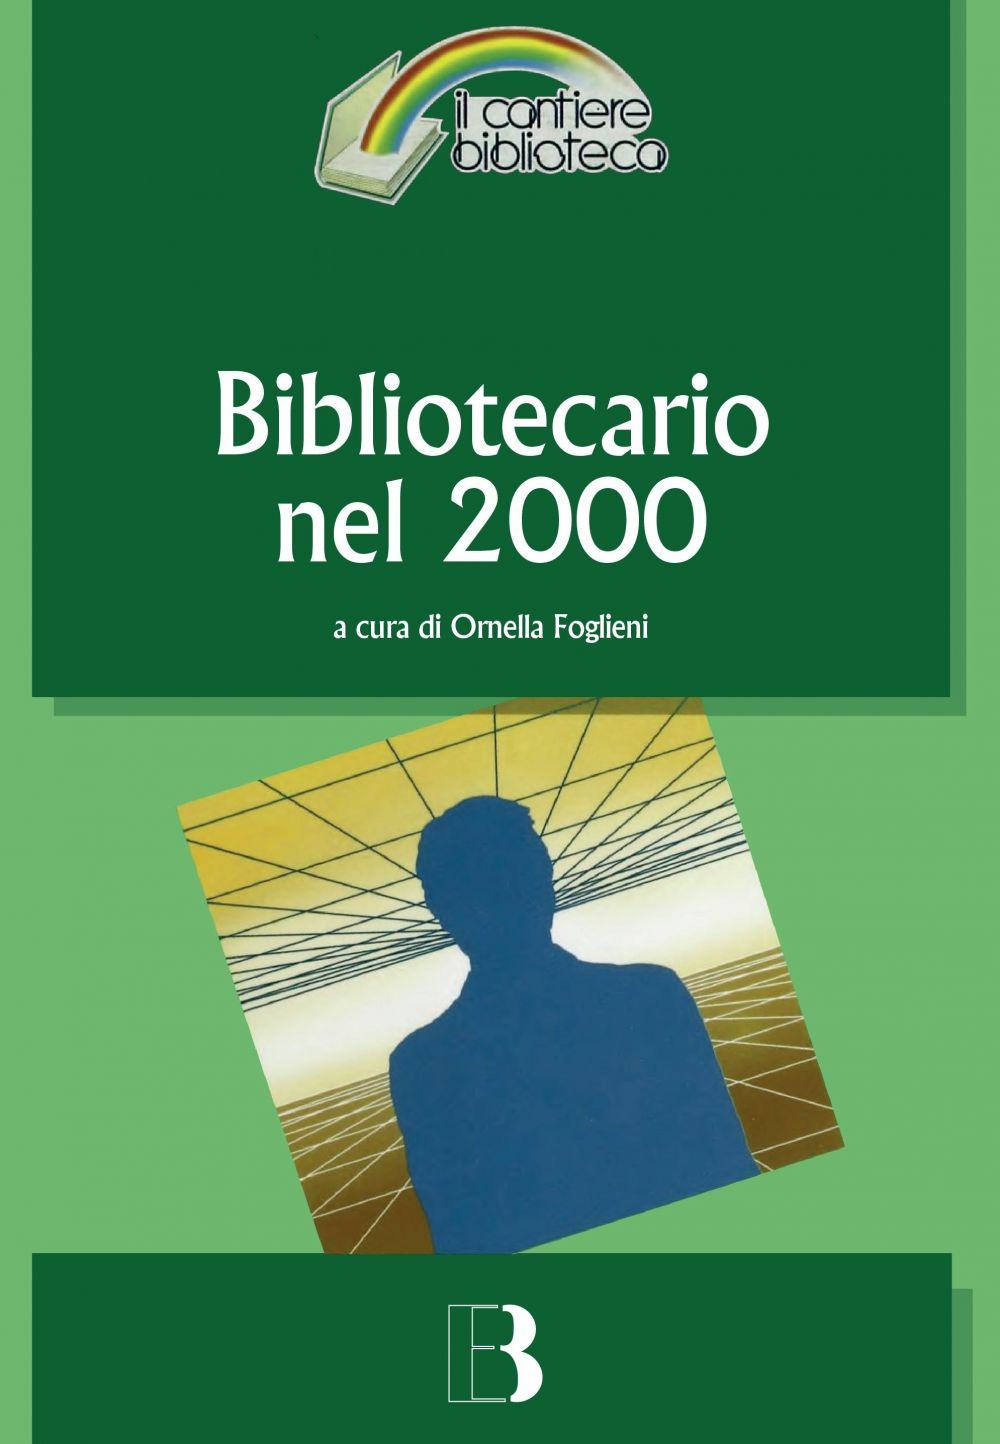 Bibliotecario nel 2000